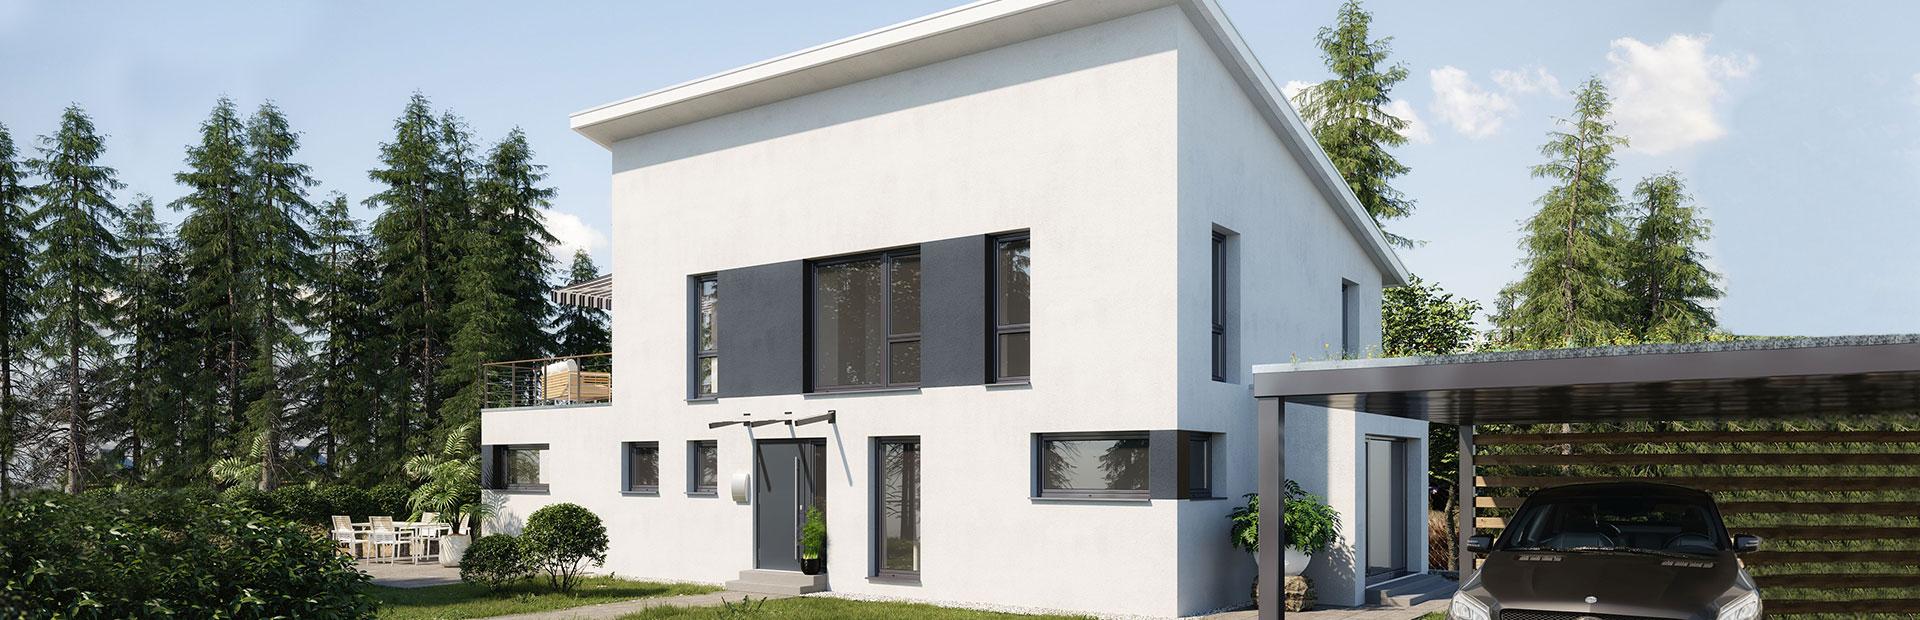 Klassisches Einfamilienhaus kombiniert mit Bungalow